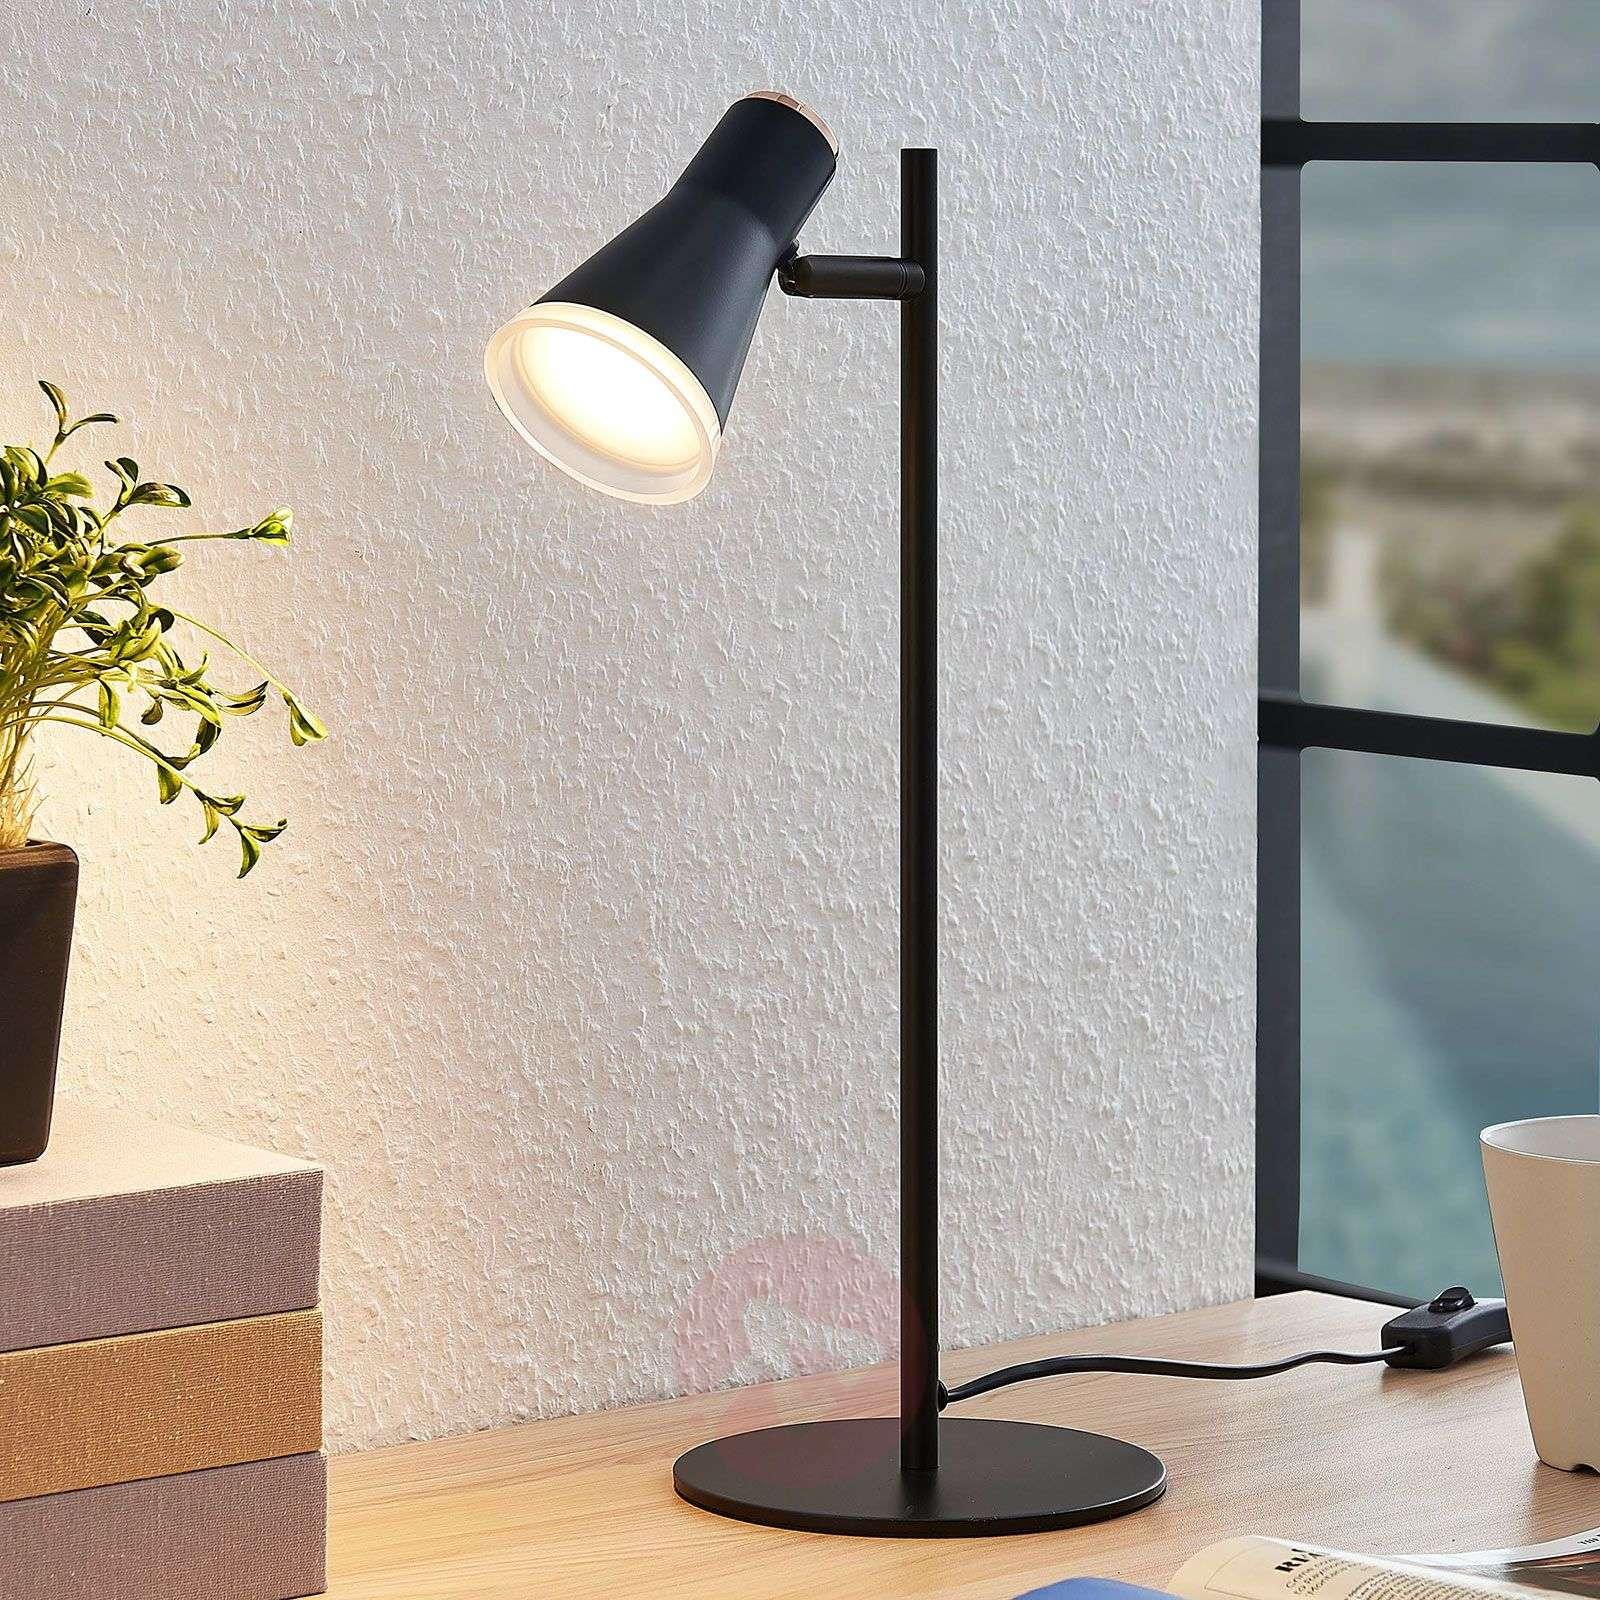 LED-pöytälamppu Michiko, kytkin, musta-9643083-04